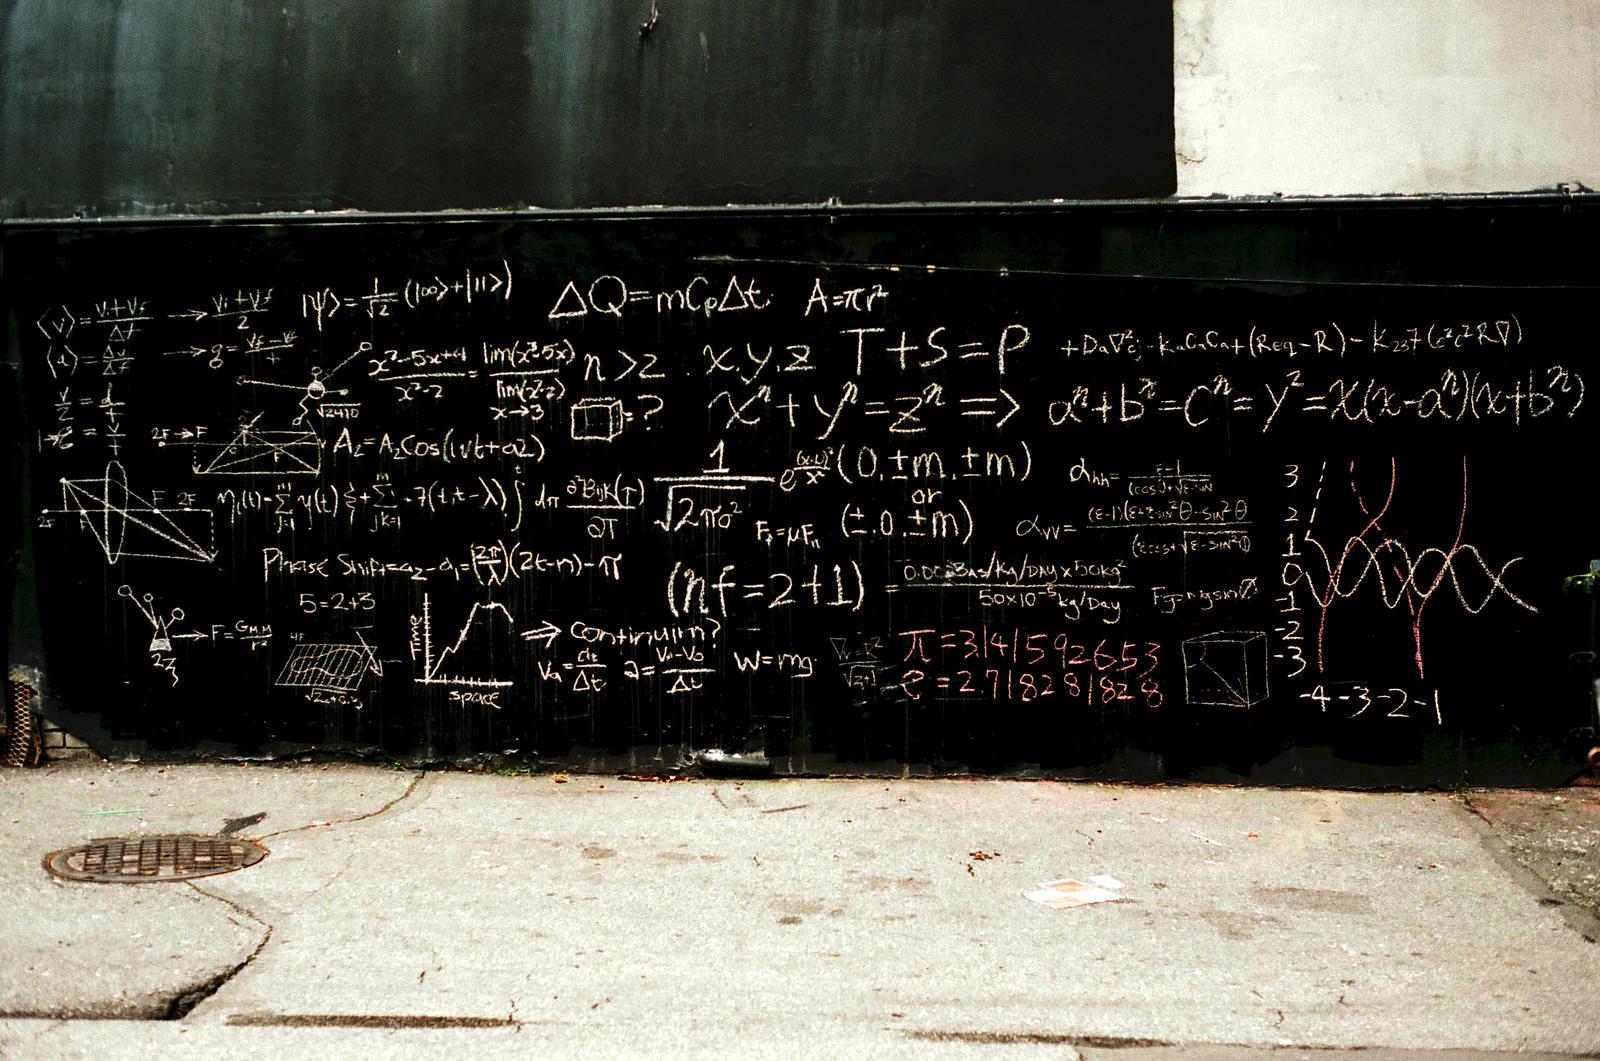 Mathe Üben Online: Die Besten Webseiten & Online-Tools für Mathe Online Lernen 5 Klasse Gymnasium